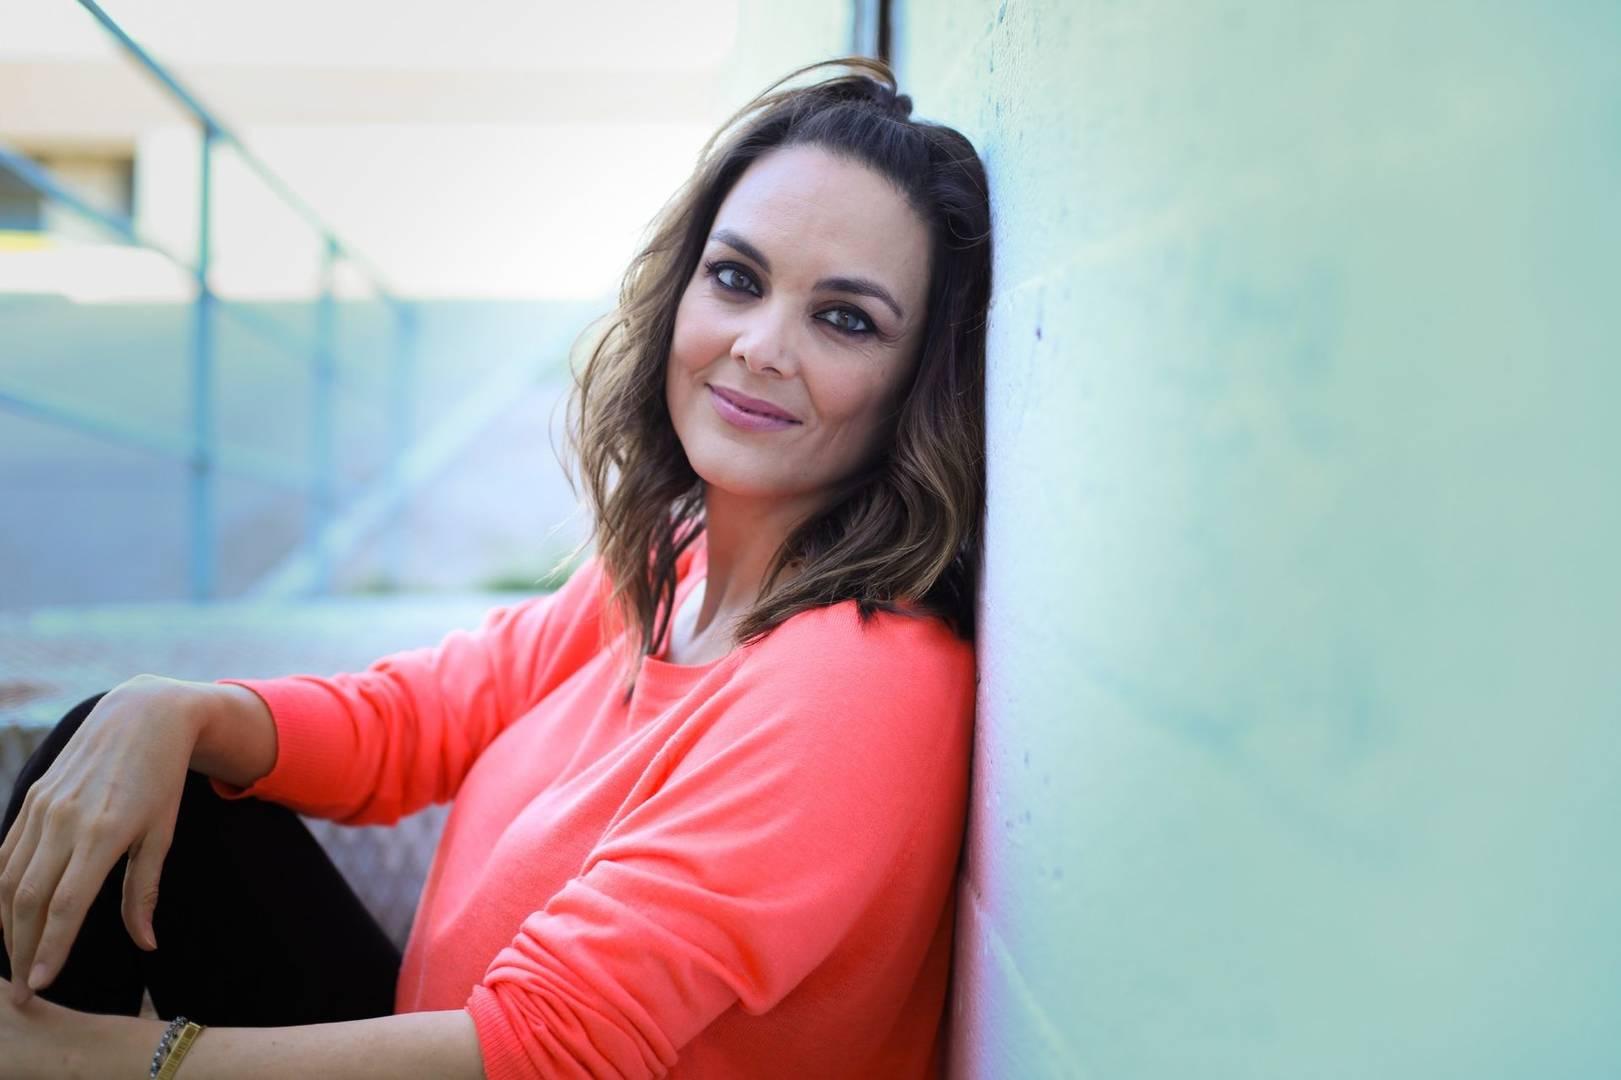 """Mónica Carrillo: """"Si uno está en paz y en armonía consigo mismo, seguramente estará mejor con los demás"""""""